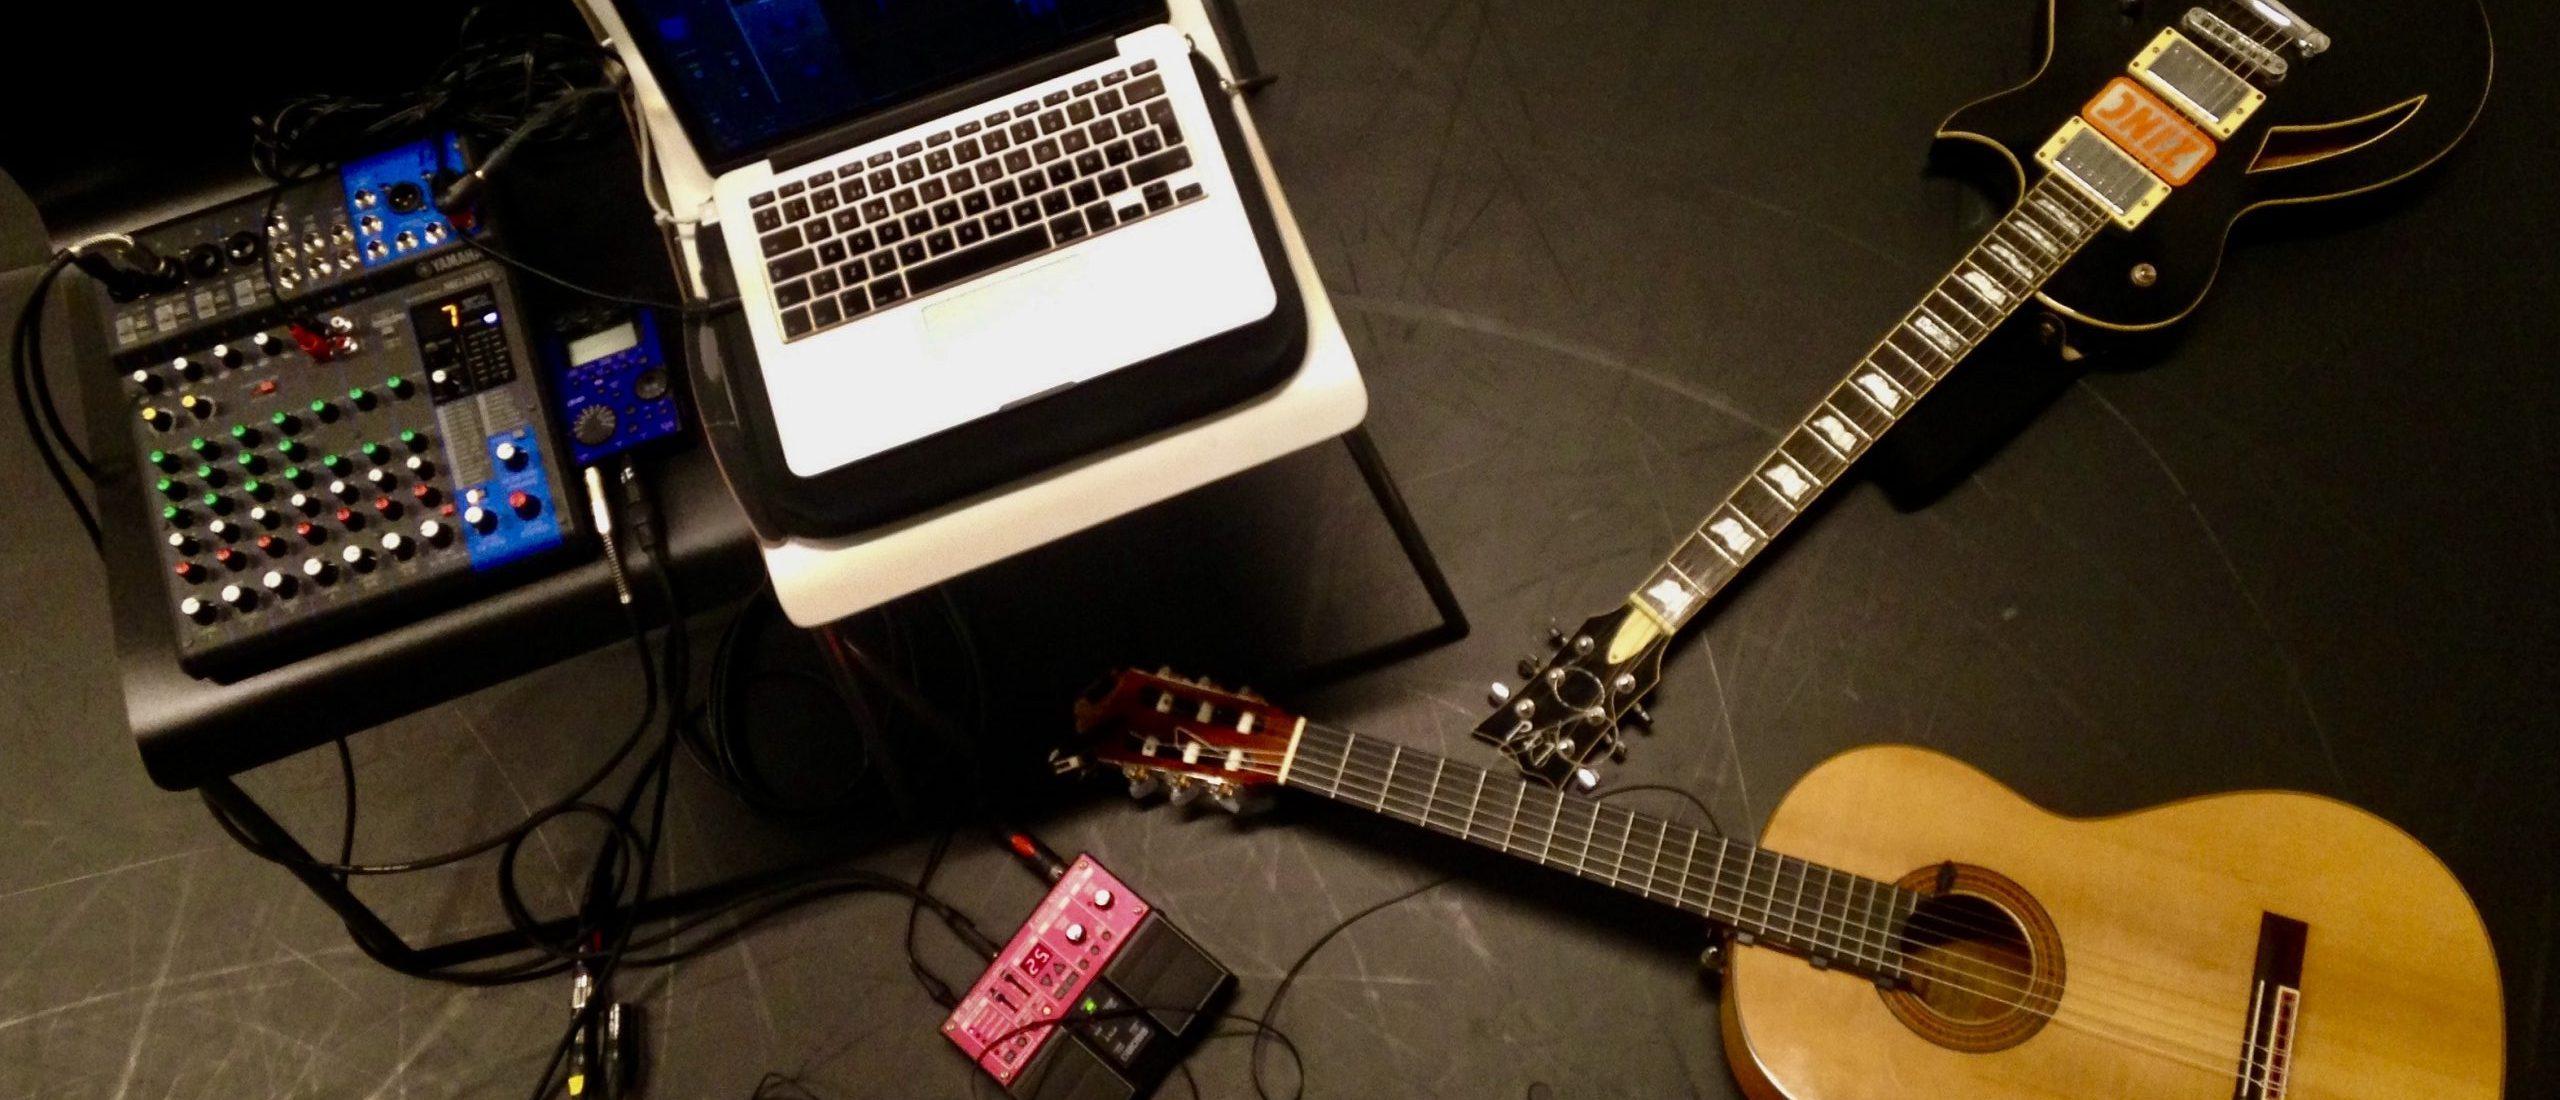 guitars & technology